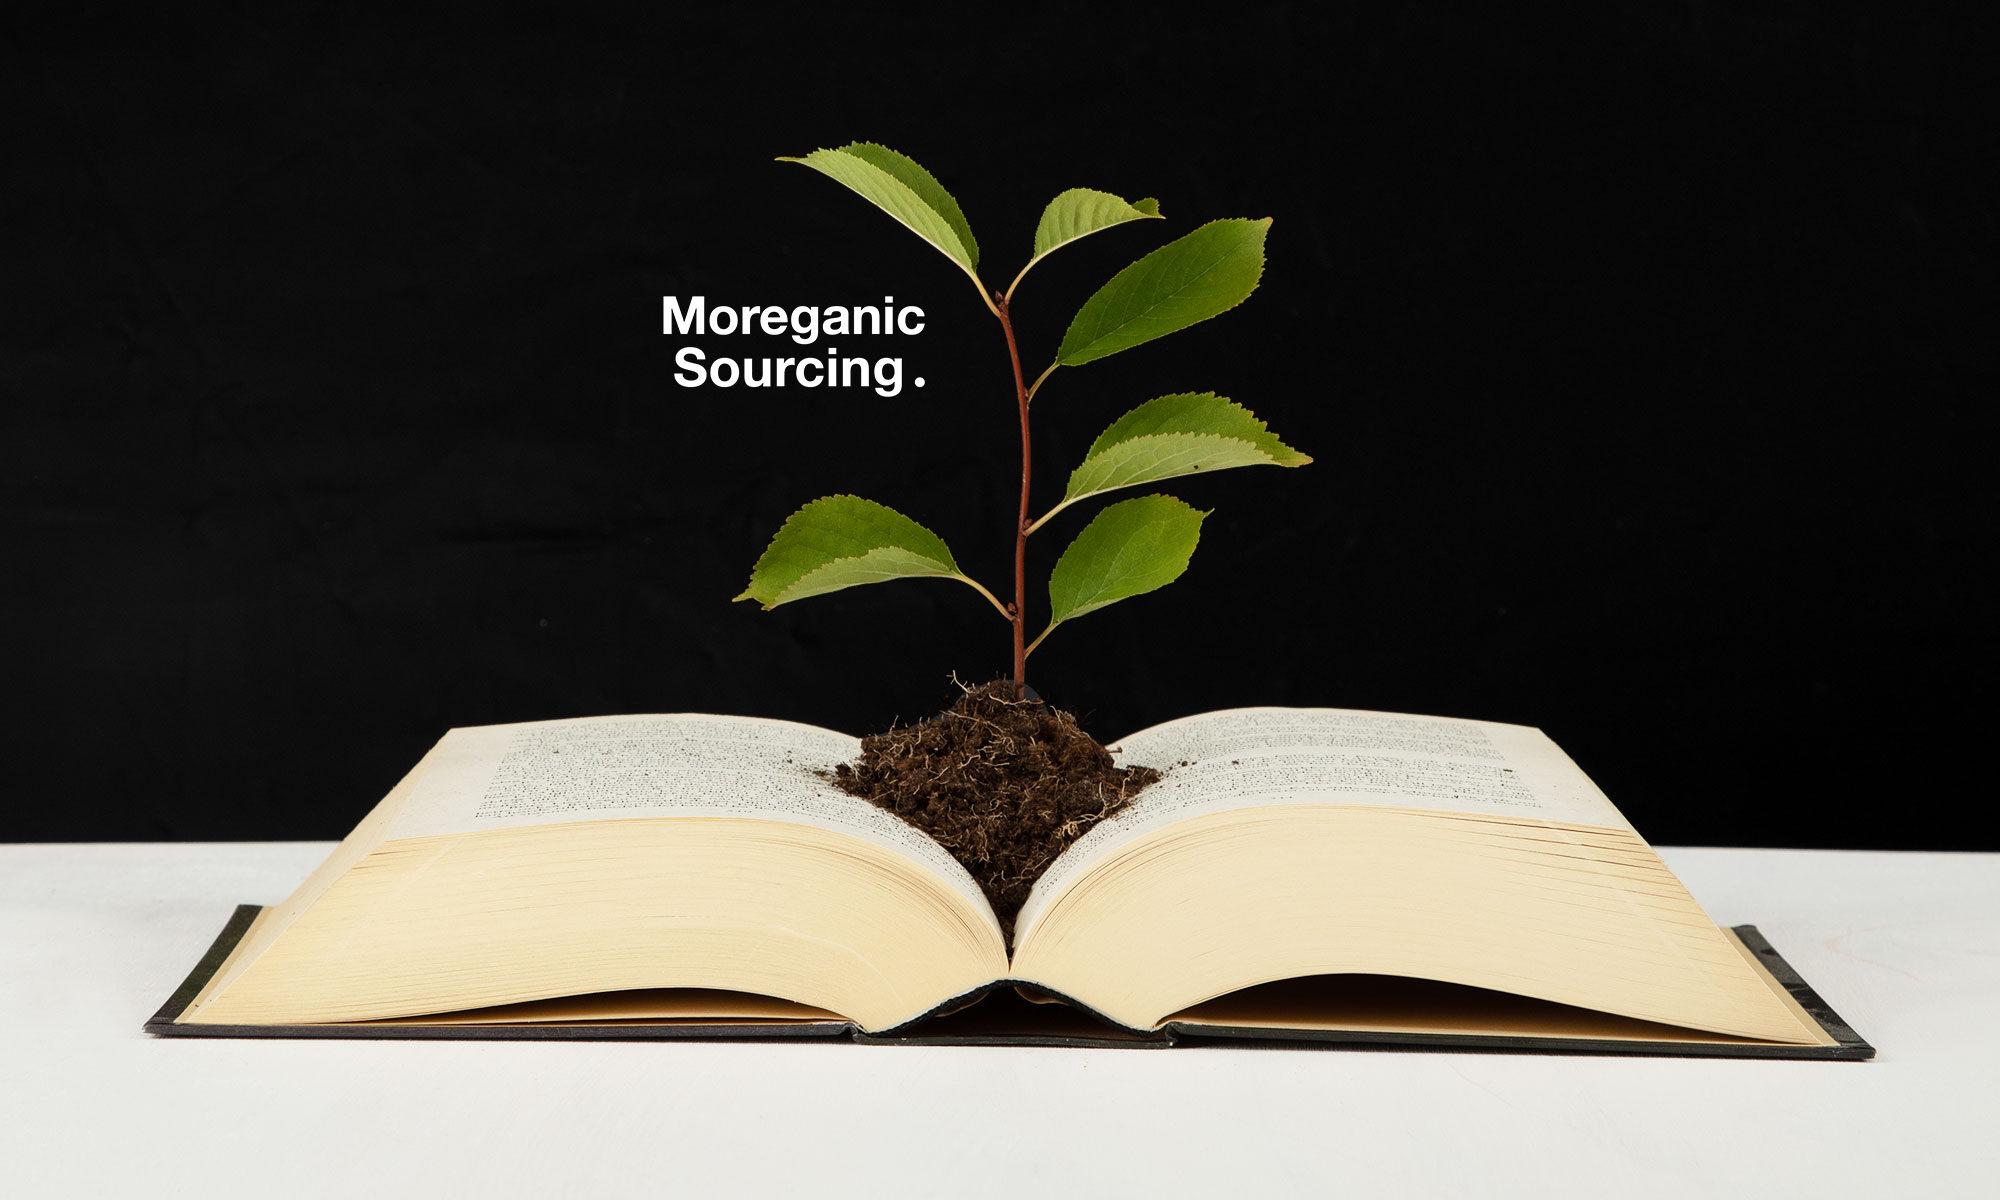 Moreganic Sourcing